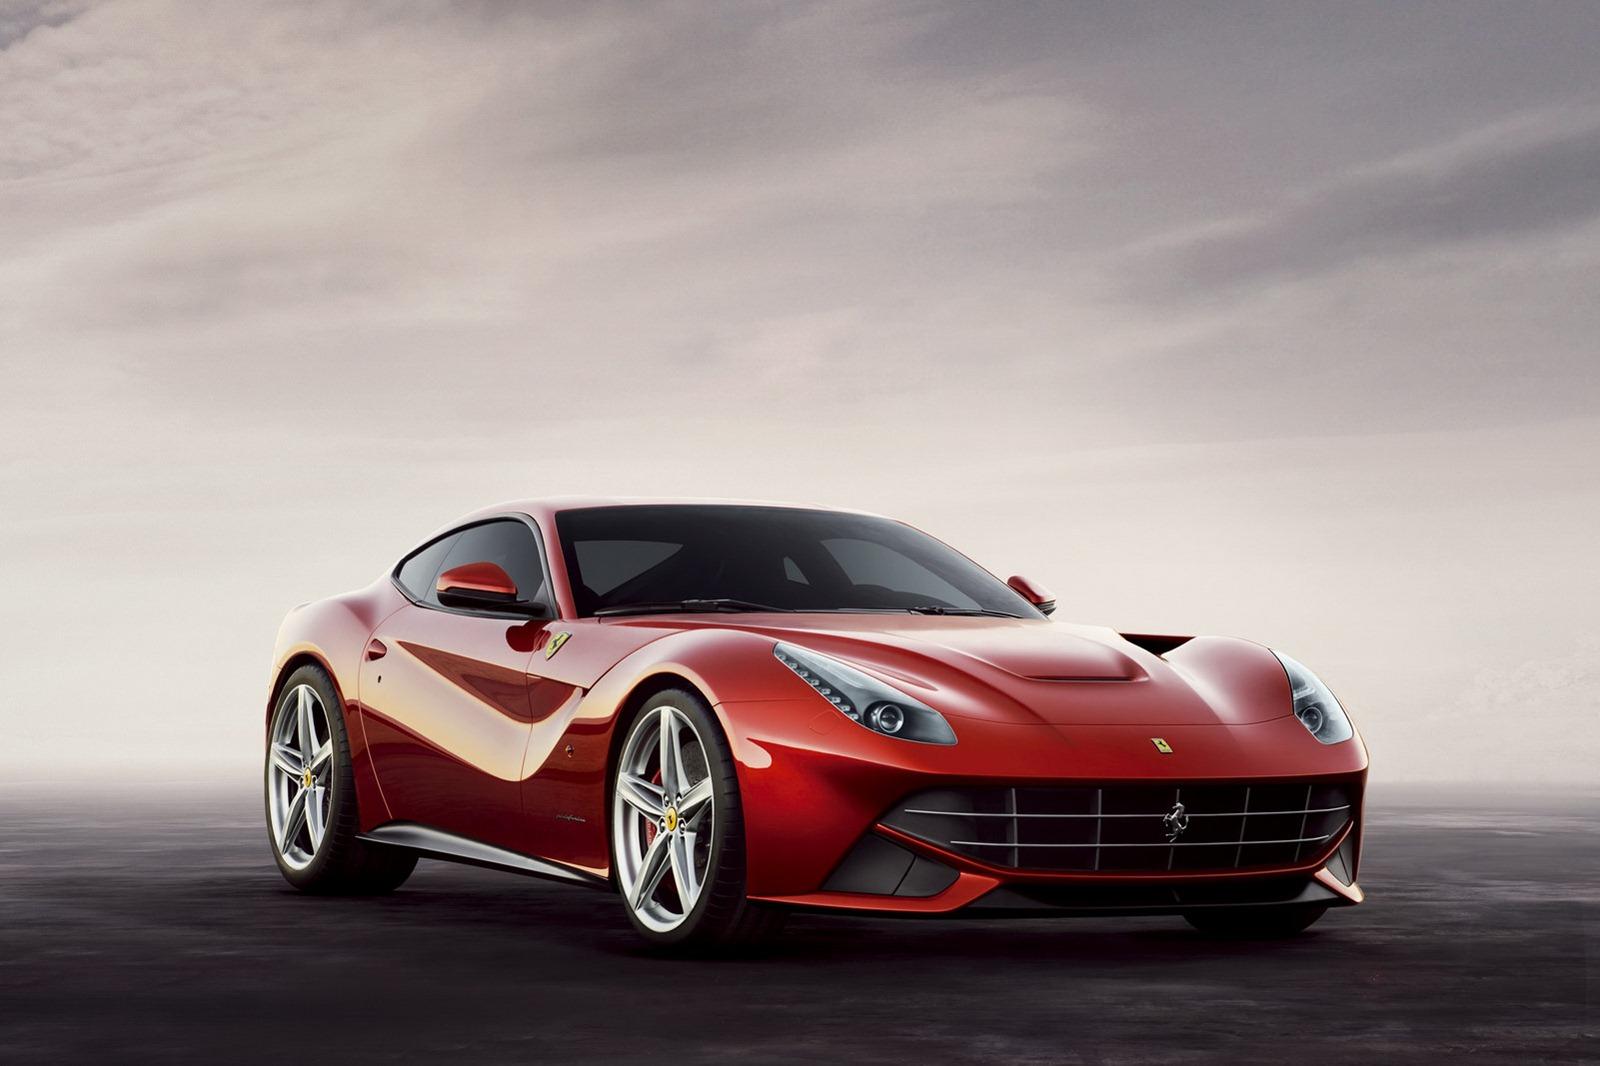 http://1.bp.blogspot.com/-Z4hfVLrFJq0/T2eH0wuQ6AI/AAAAAAAAEX4/_mrMBBAAXpc/s1600/Ferrari-F12-Berlinetta-1.jpg